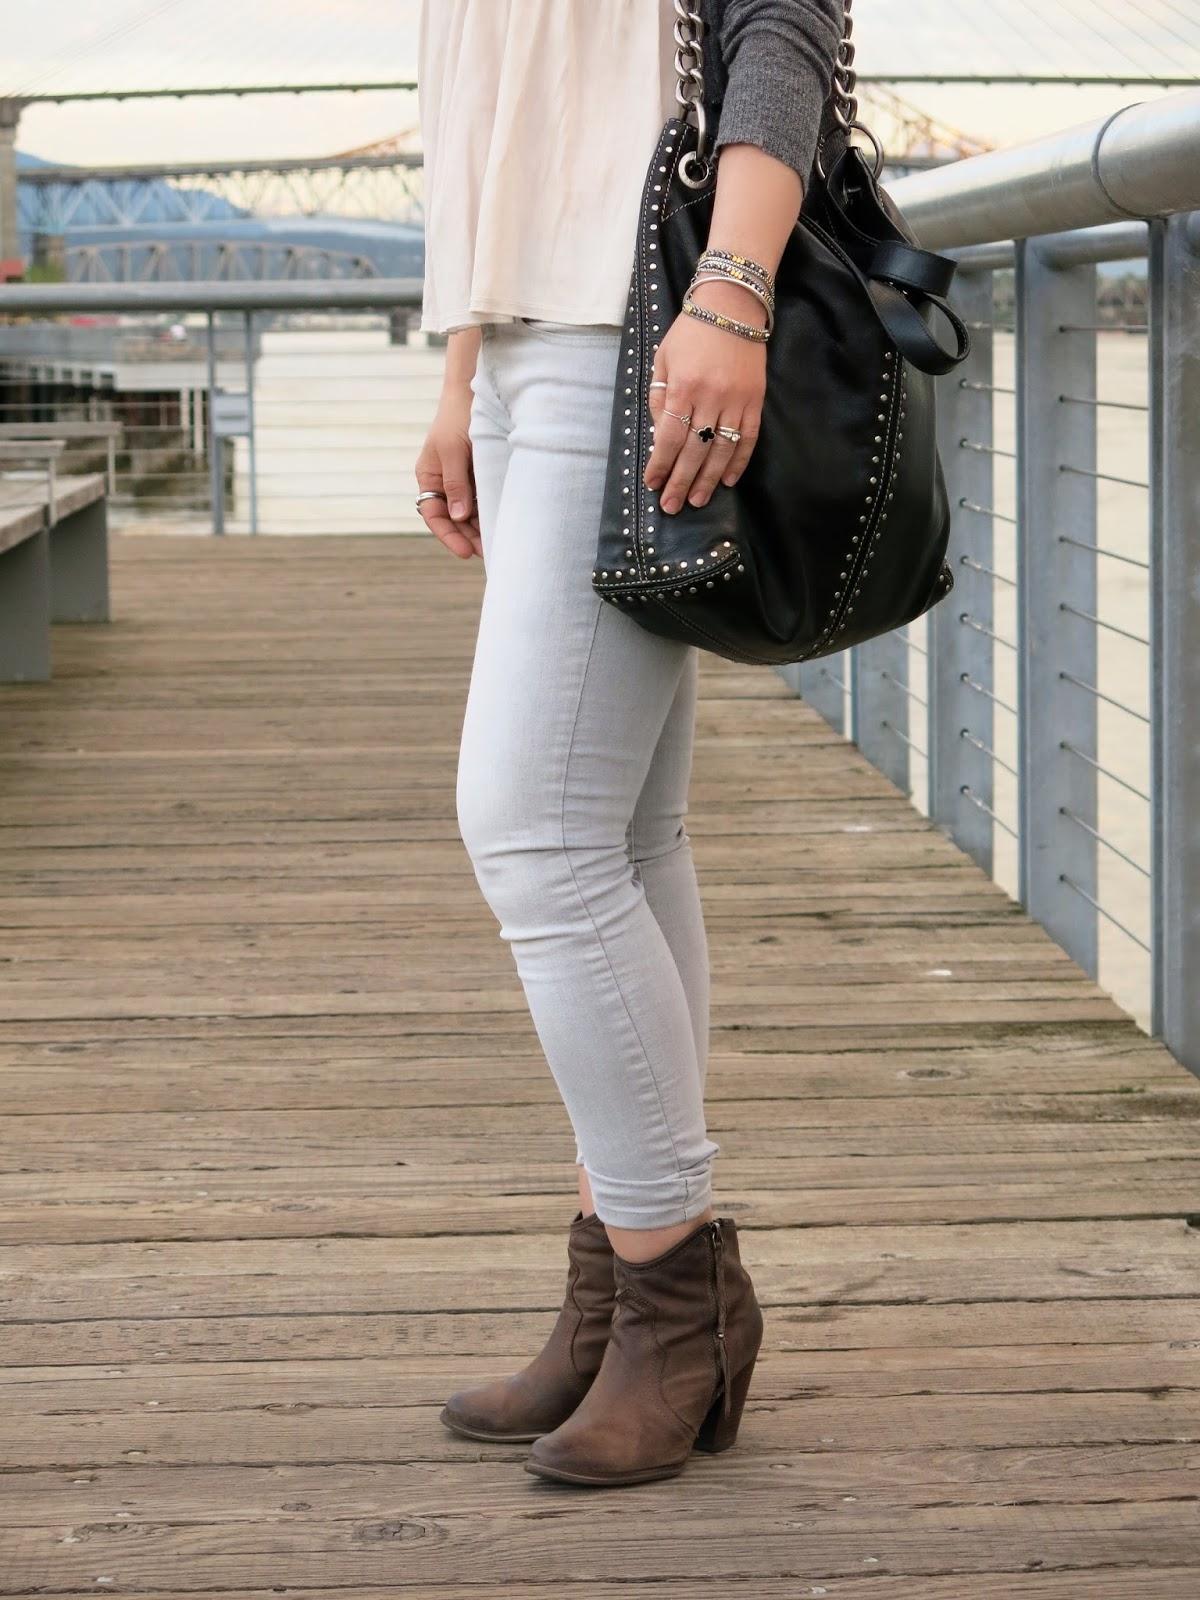 drapey top, skinny jeans, western-style booties, MK bag